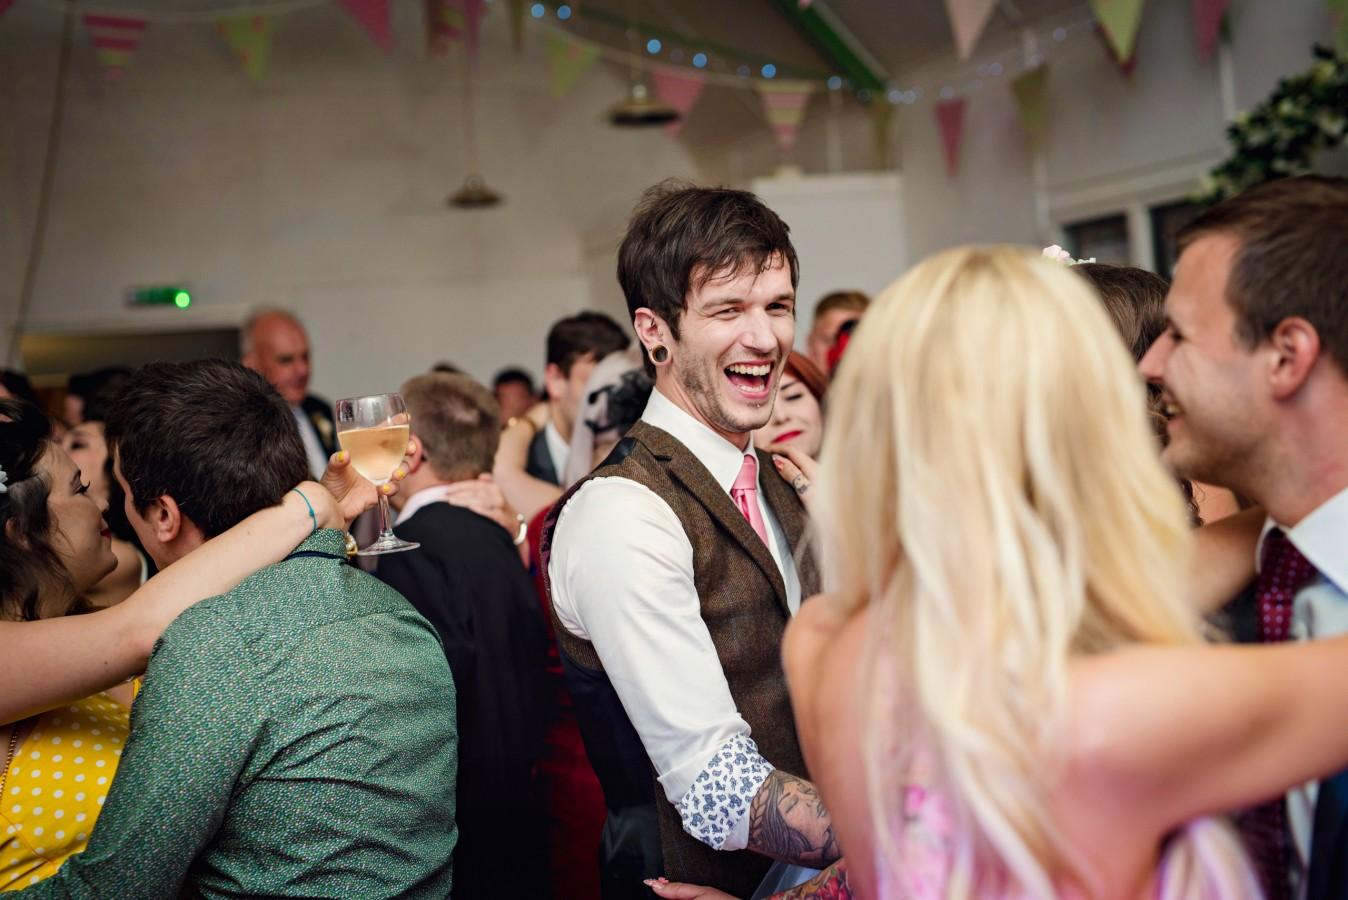 Hampshire Wedding Photographer - GK Photography-176